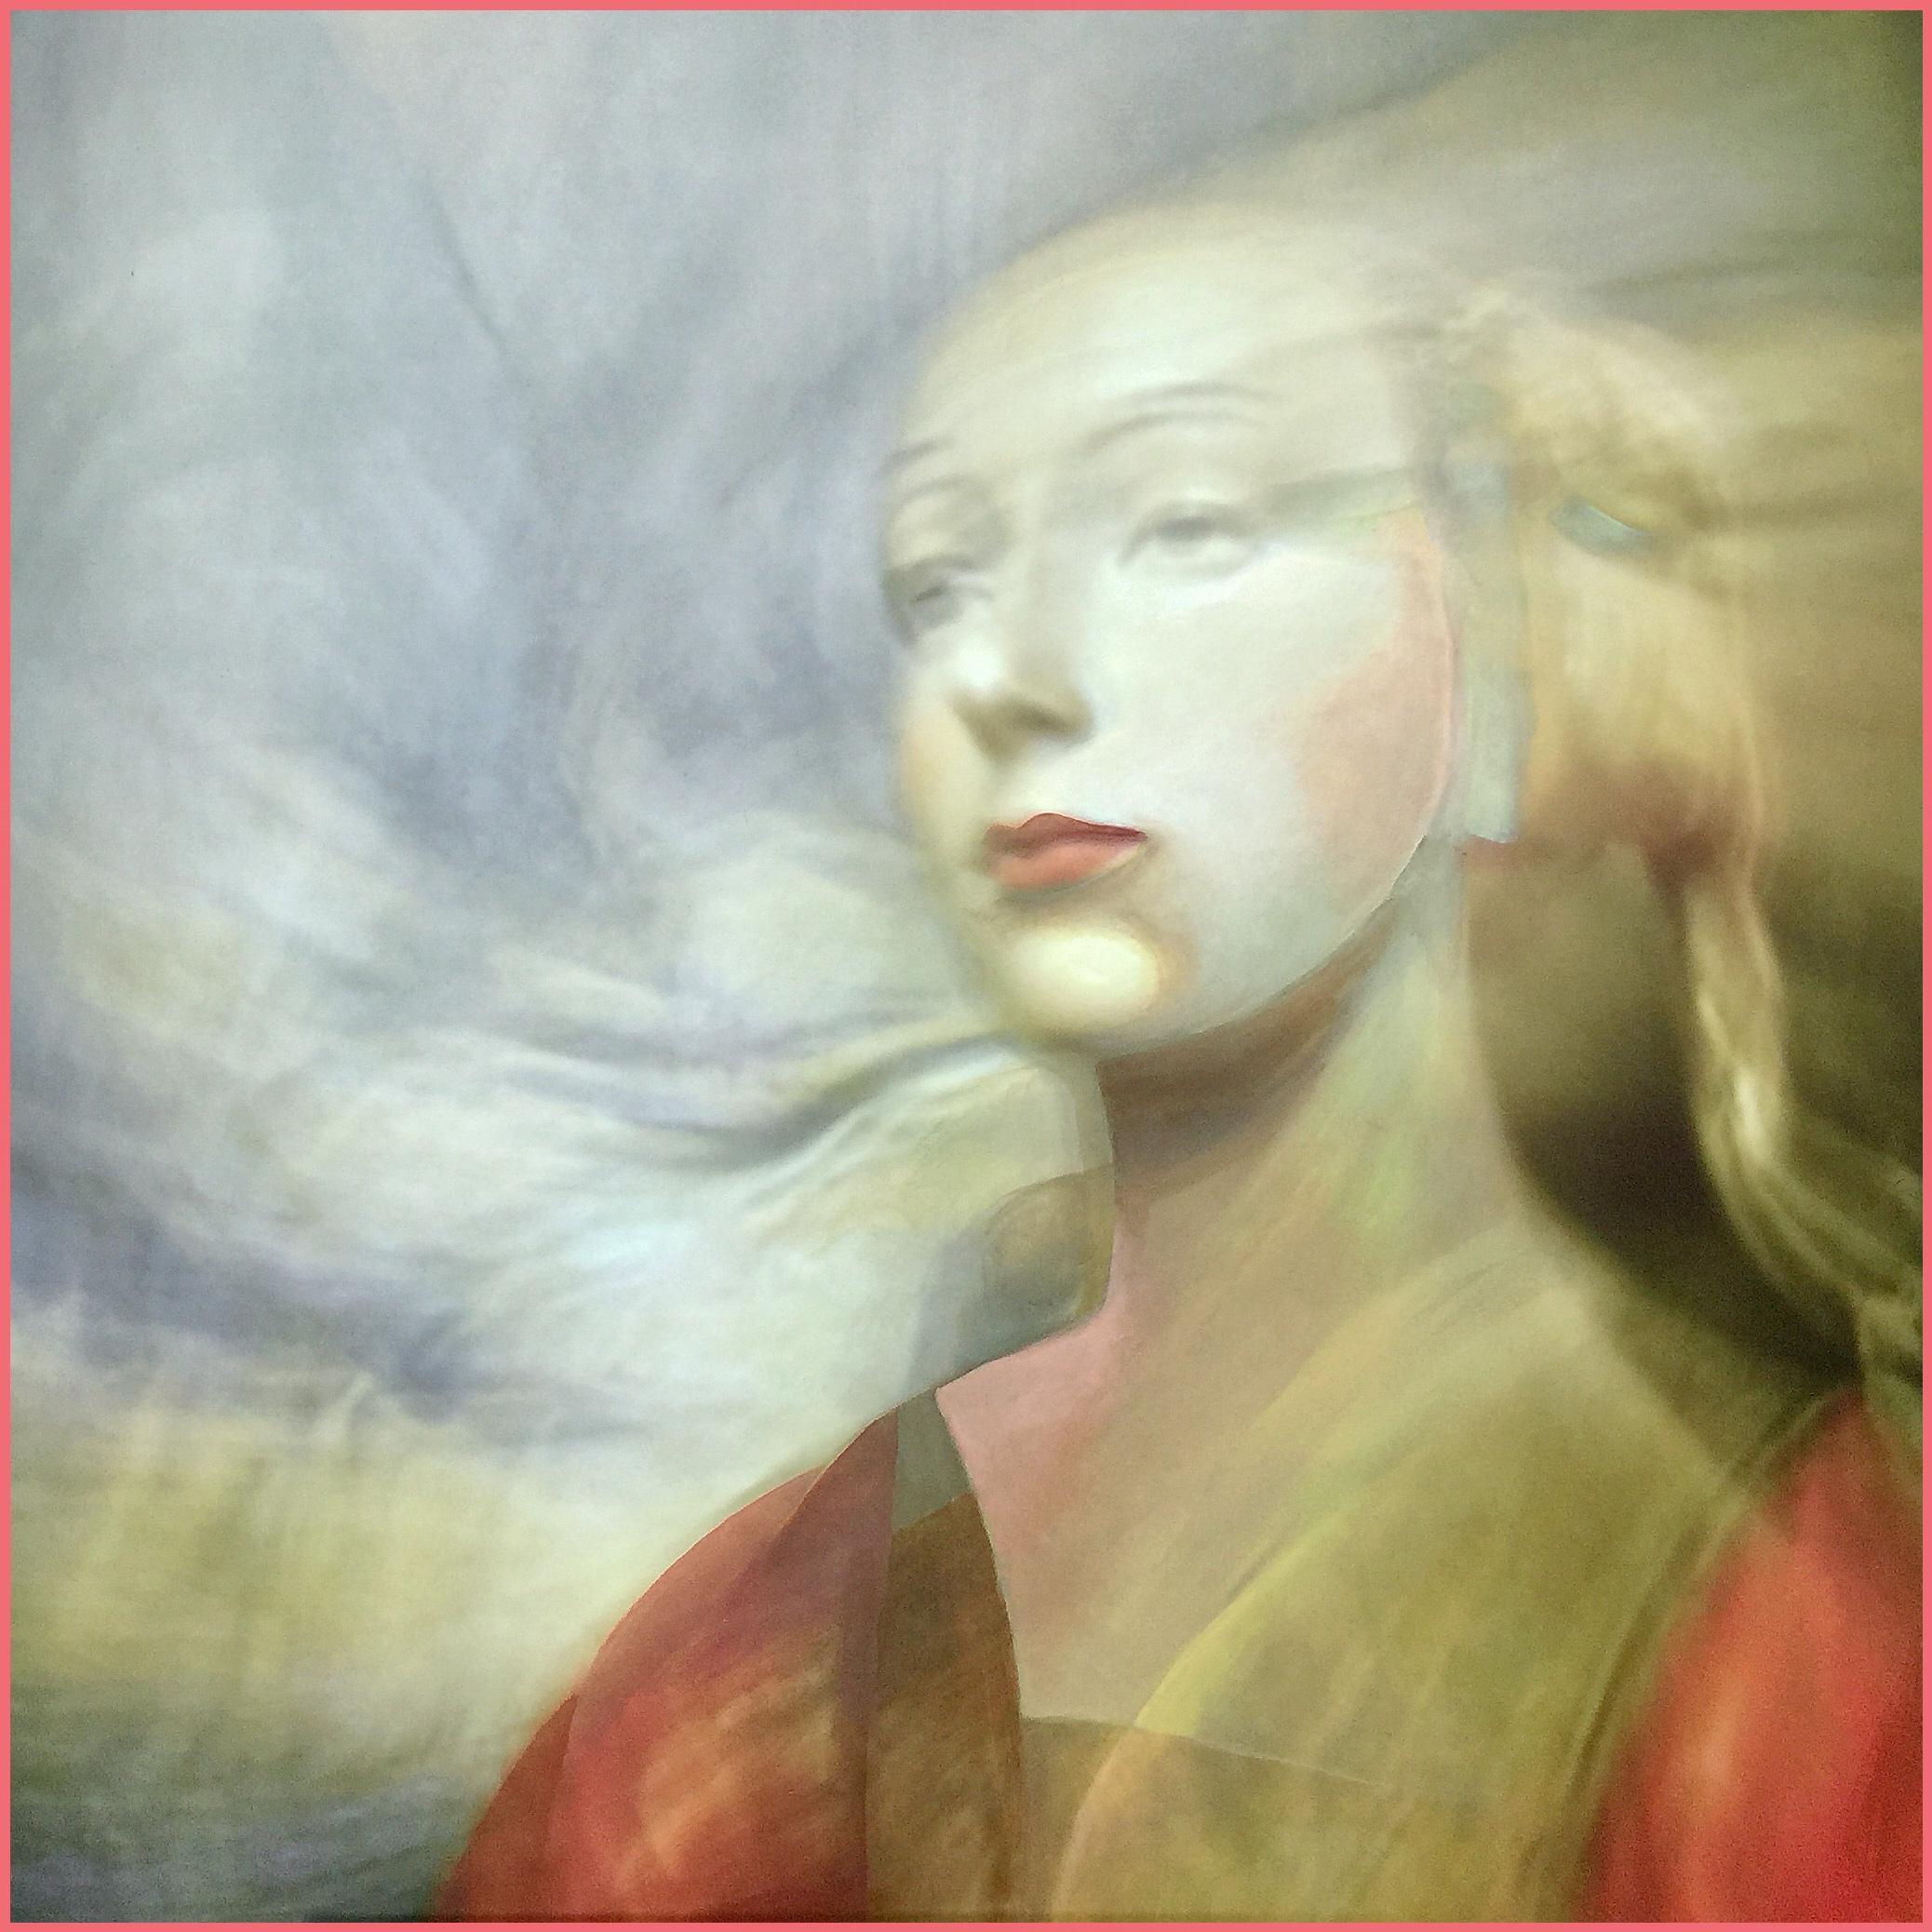 è la fotografia di una scultura trecentesca in legno, la sua pittoricità è stata data dal movimento della macchina fotografica durante lo scatto e da alcuni tocchi di pittura sulla stampa.